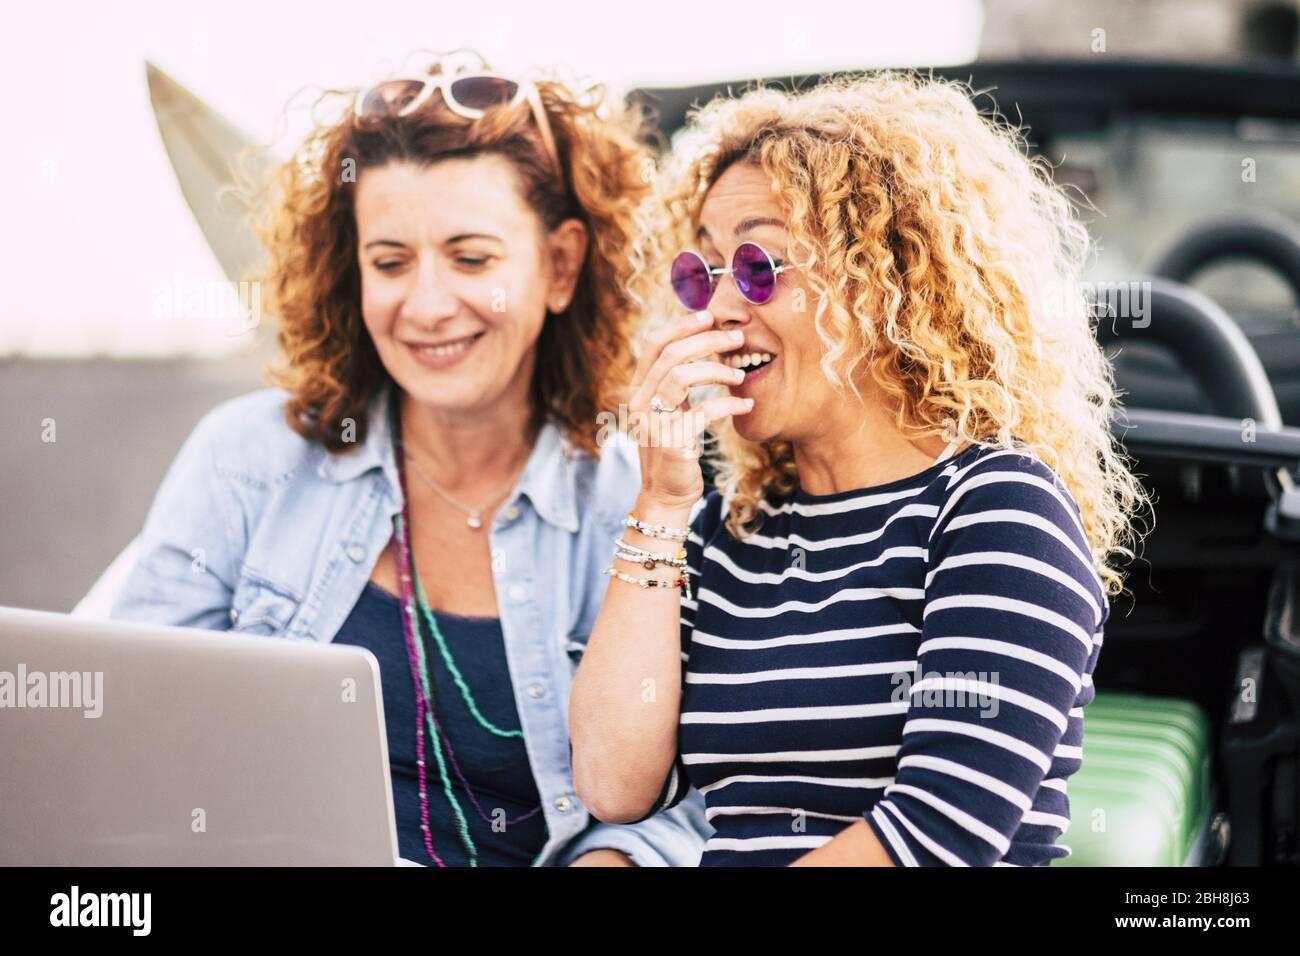 Un paio di donne giovani curly belle divertirsi ridendo utilizzando un notebook all'aperto - technoogy e concetto di persone - cose divertenti per le belle donne - ridere e sorridere stile di vita Foto Stock